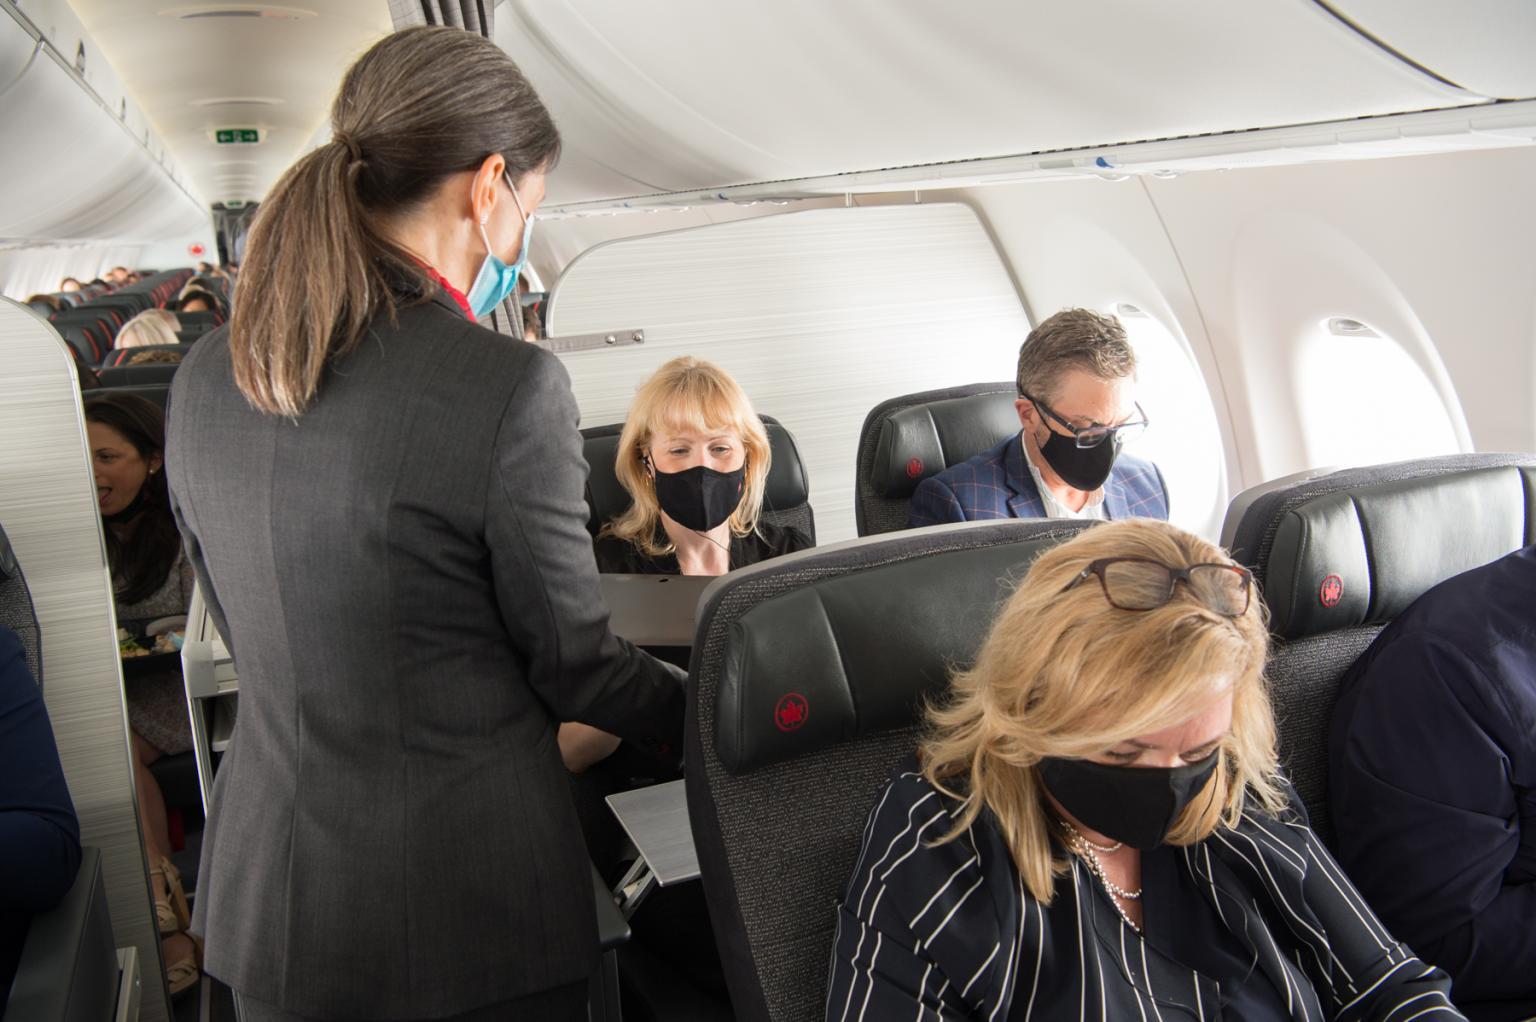 Erhvervsrejsebureauet Egencia har opsagt cirka hver fjerde medarbejder i Danmark. Men der bookes stadig forretningsrejser i og udenfor Europa. Arkivpressefoto fra Air Canada.